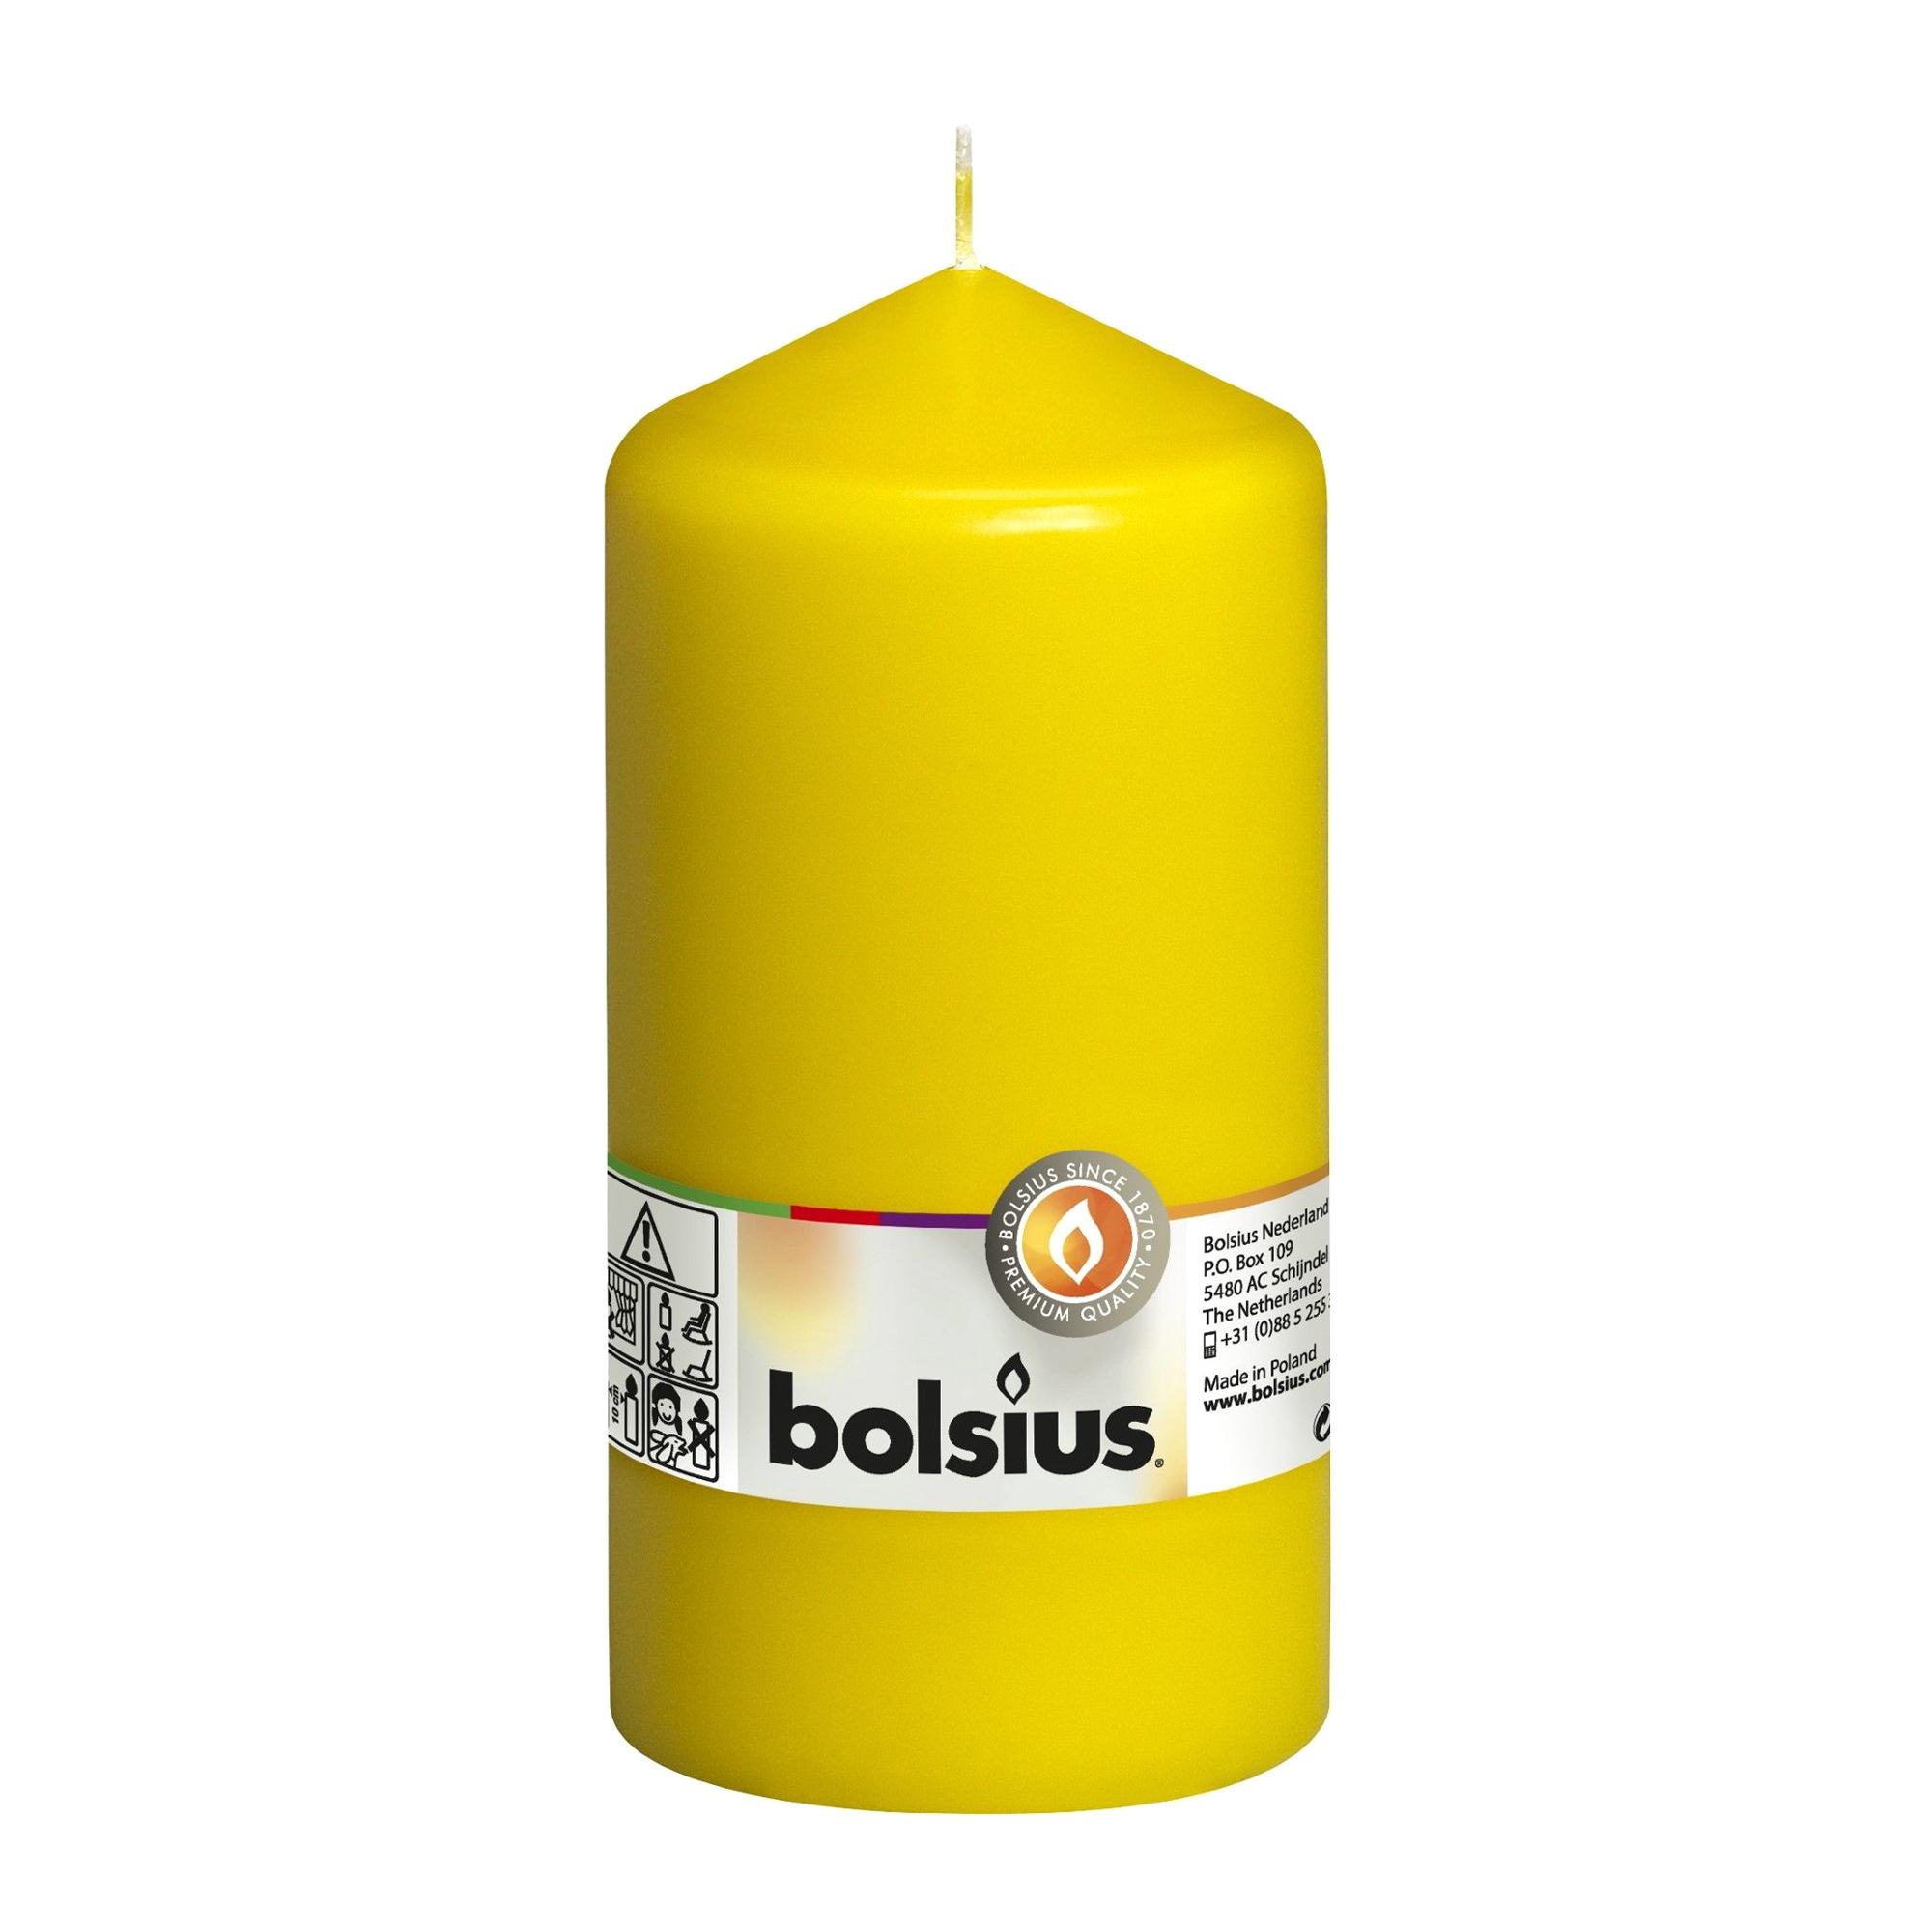 Фото - Свеча-столбик Bolsius 15x8 желтая свеча столбик bolsius 12x6 коричневая